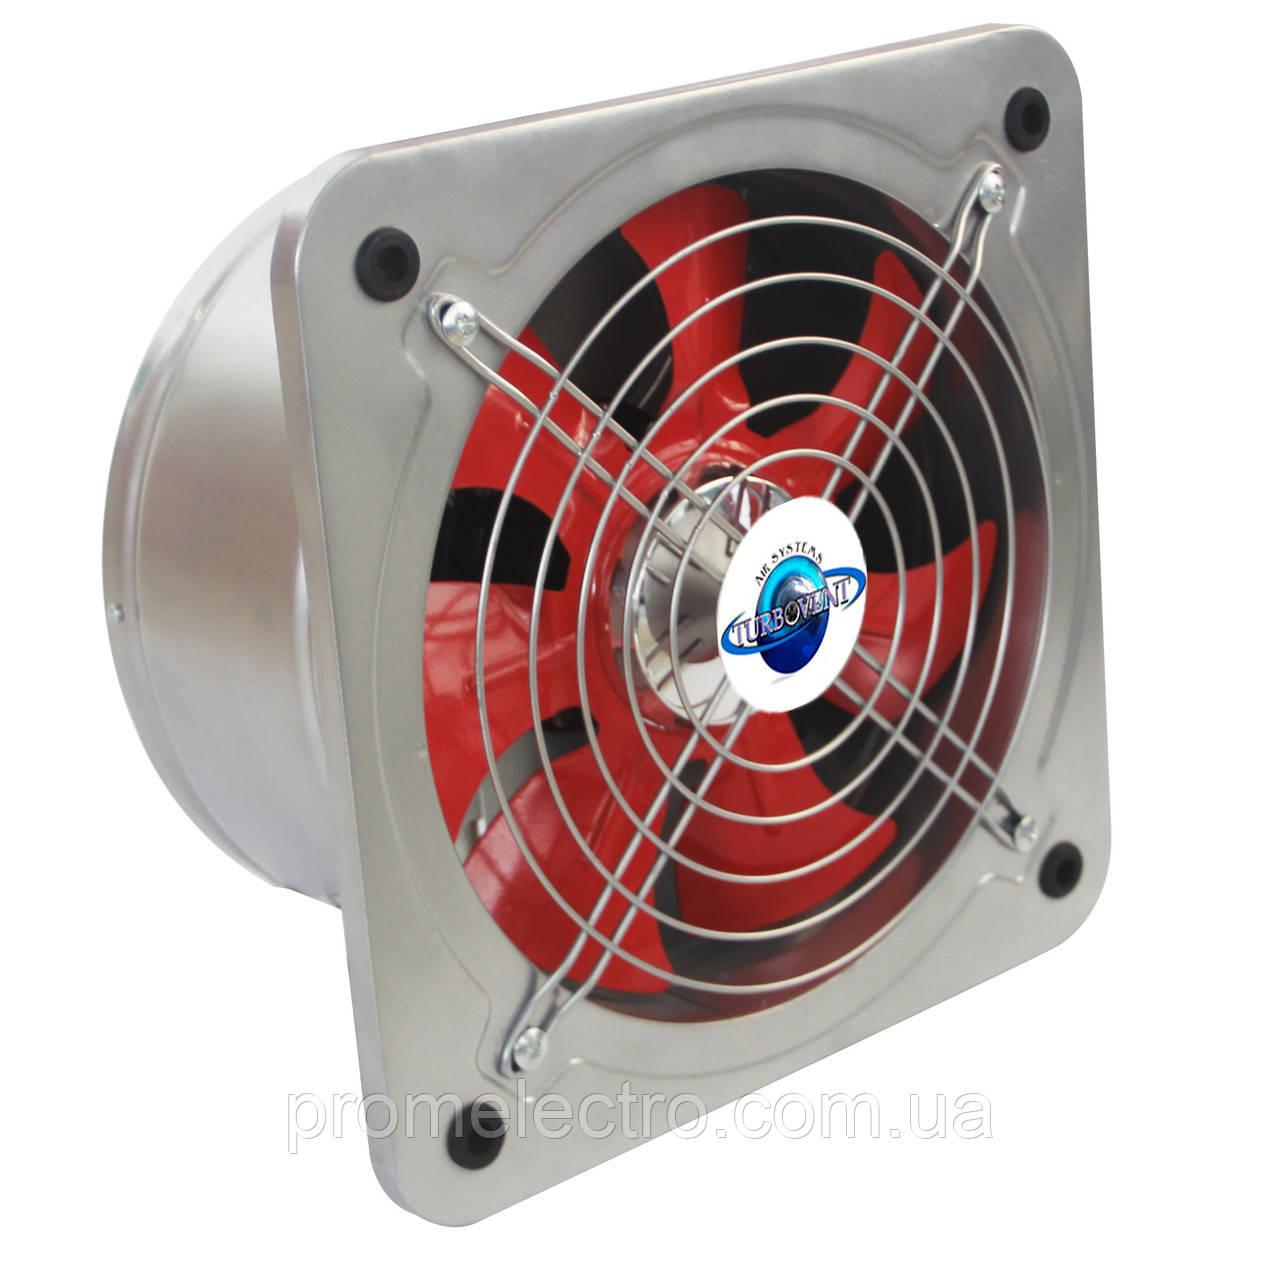 Настенные вентиляторы с обратным клапаном Турбовент НОК 180